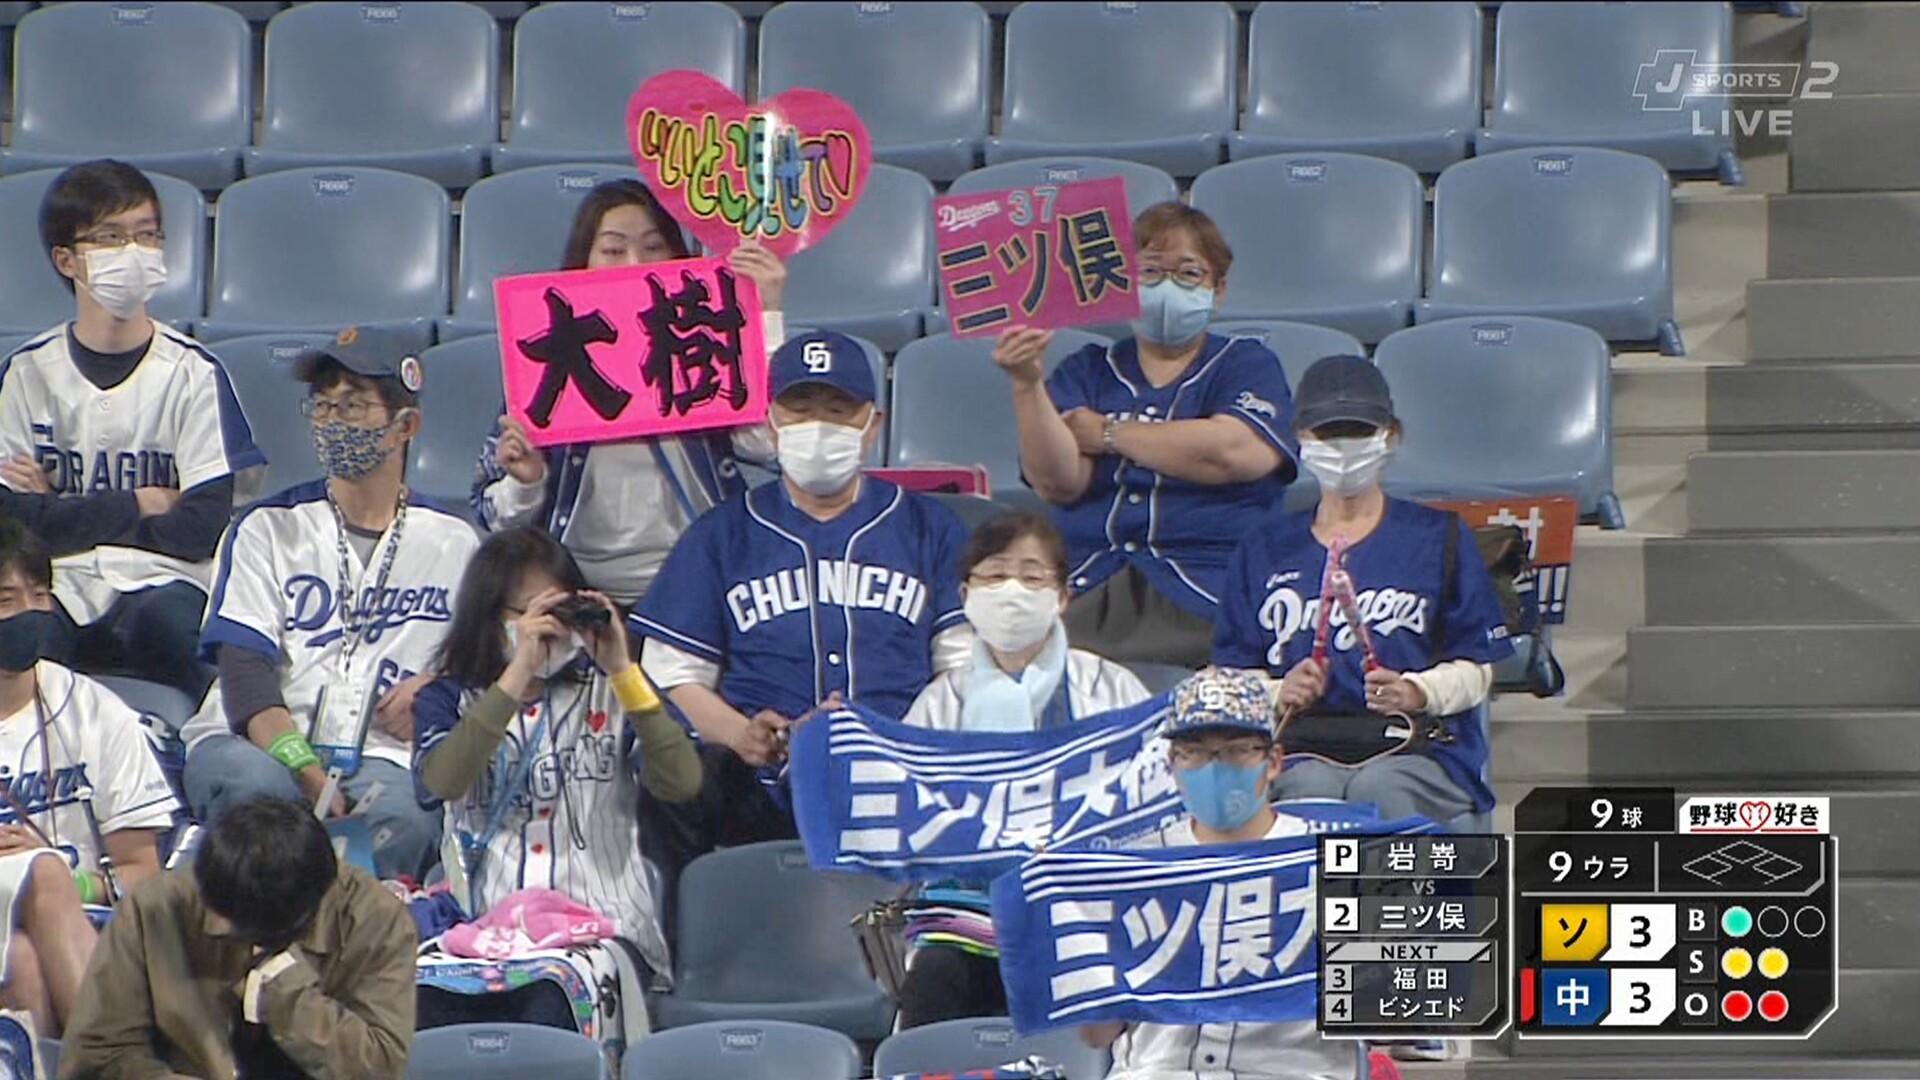 中日ファン 『京田派』vs『三ツ俣派』で大喧嘩wwww